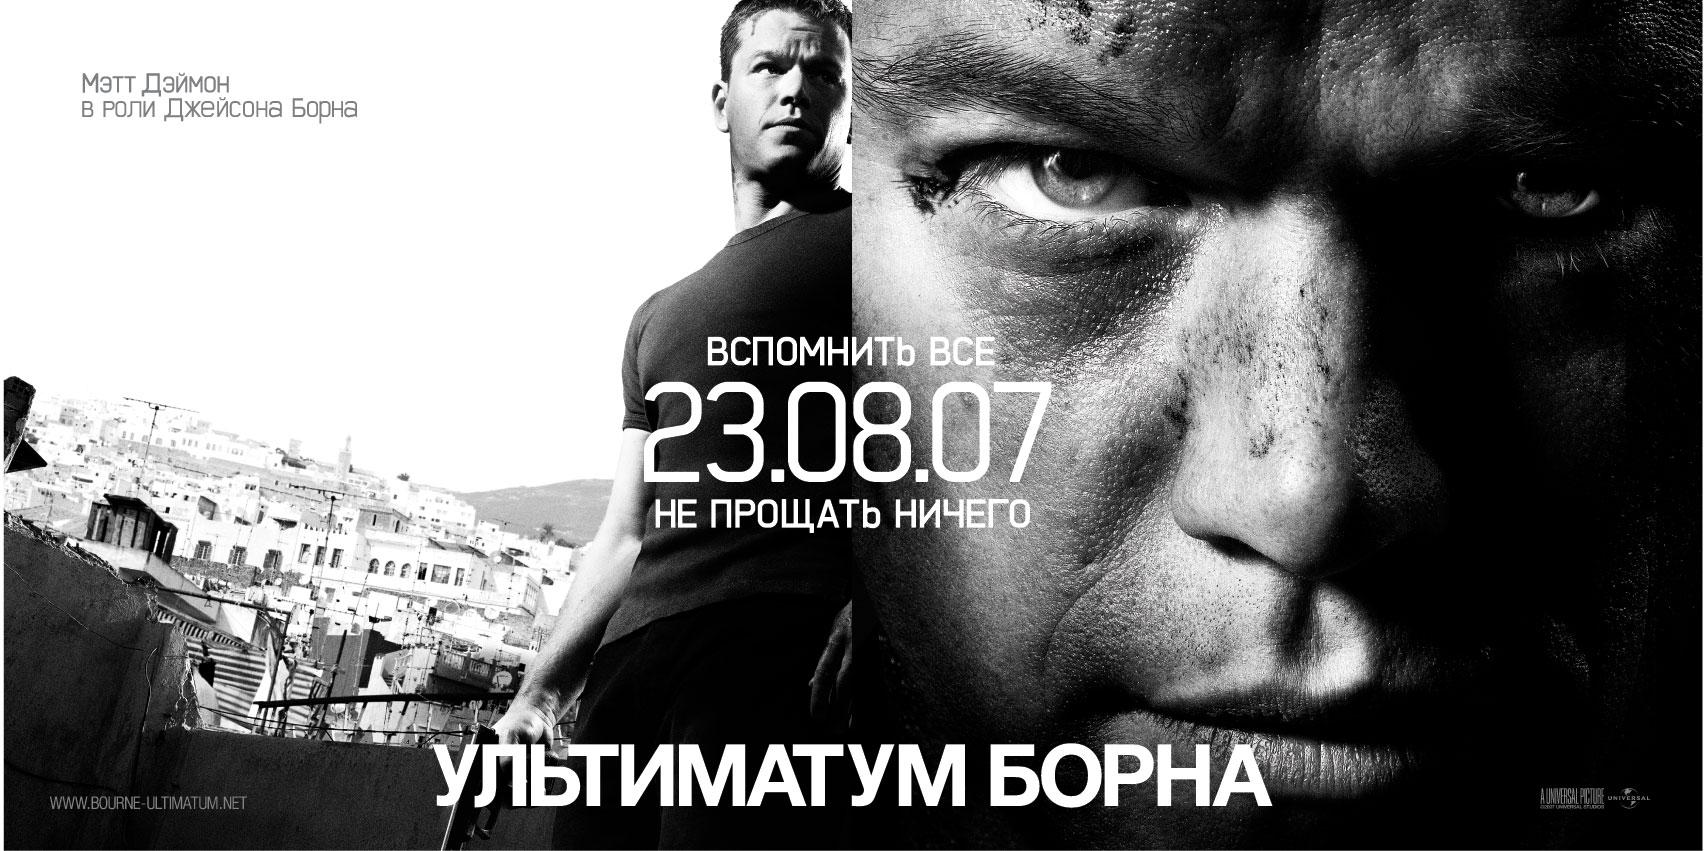 Ультиматум Борна 2007 смотреть онлайн бесплатно